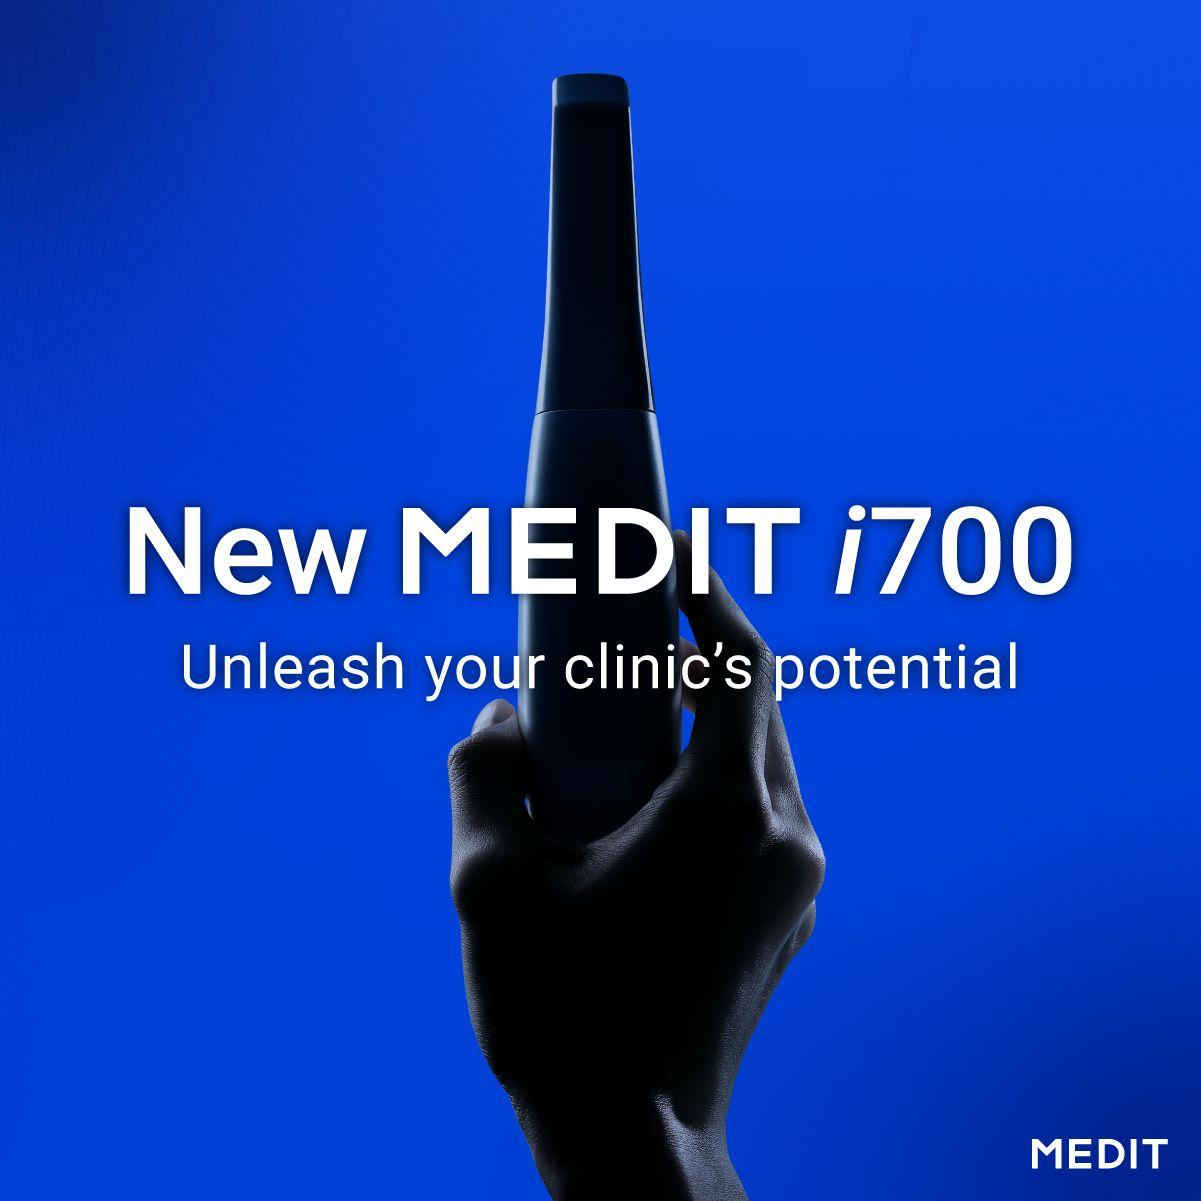 New Medit i700